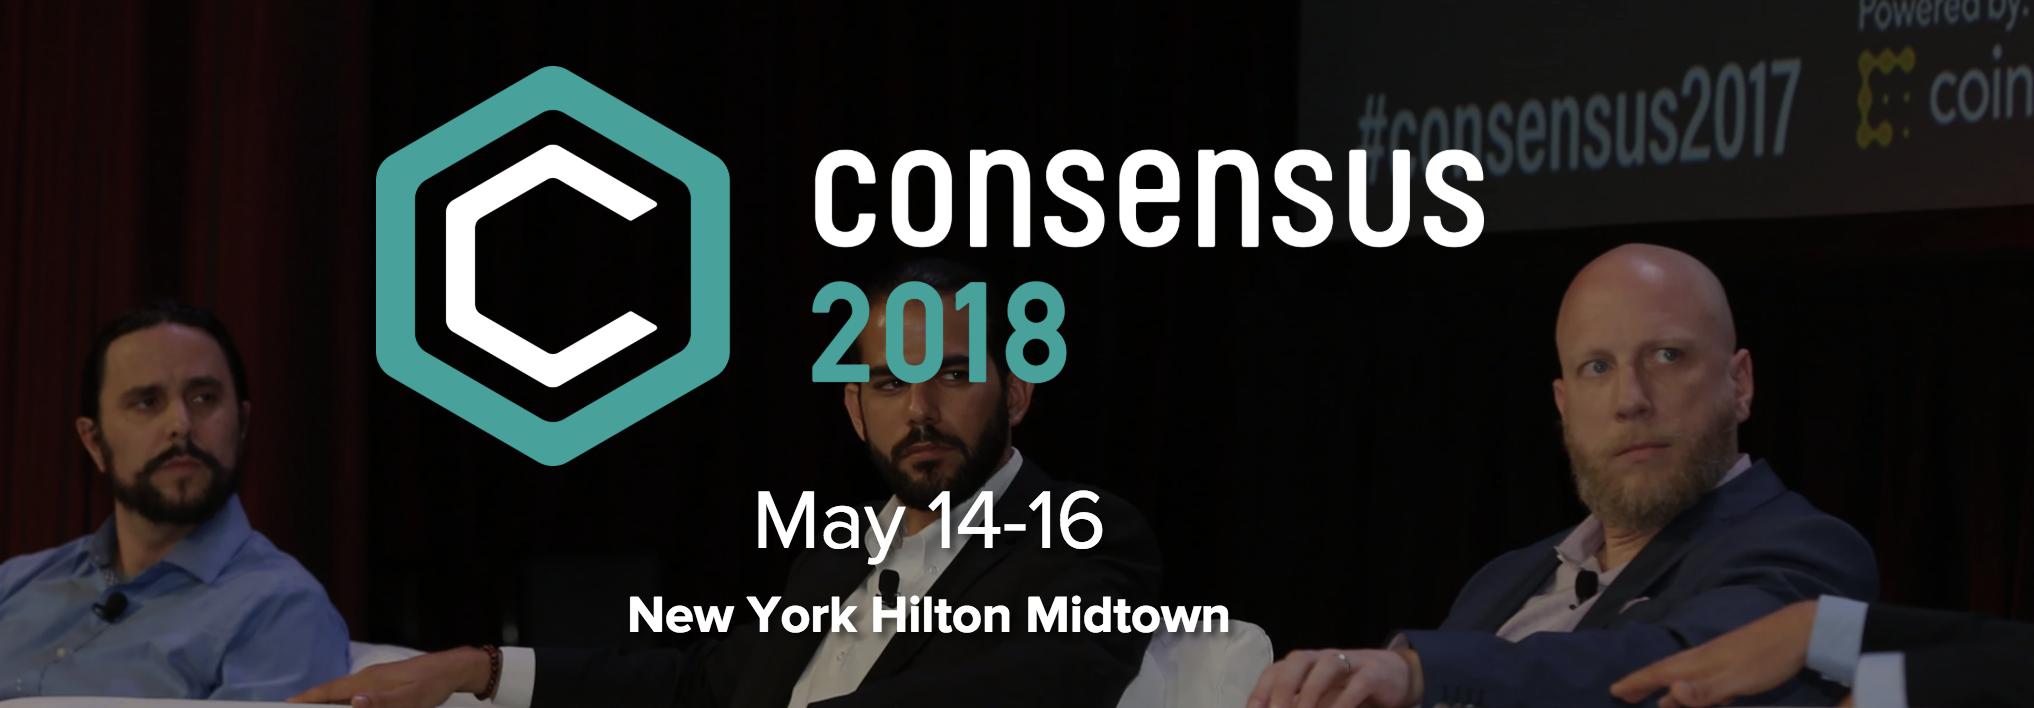 Consensus 2018